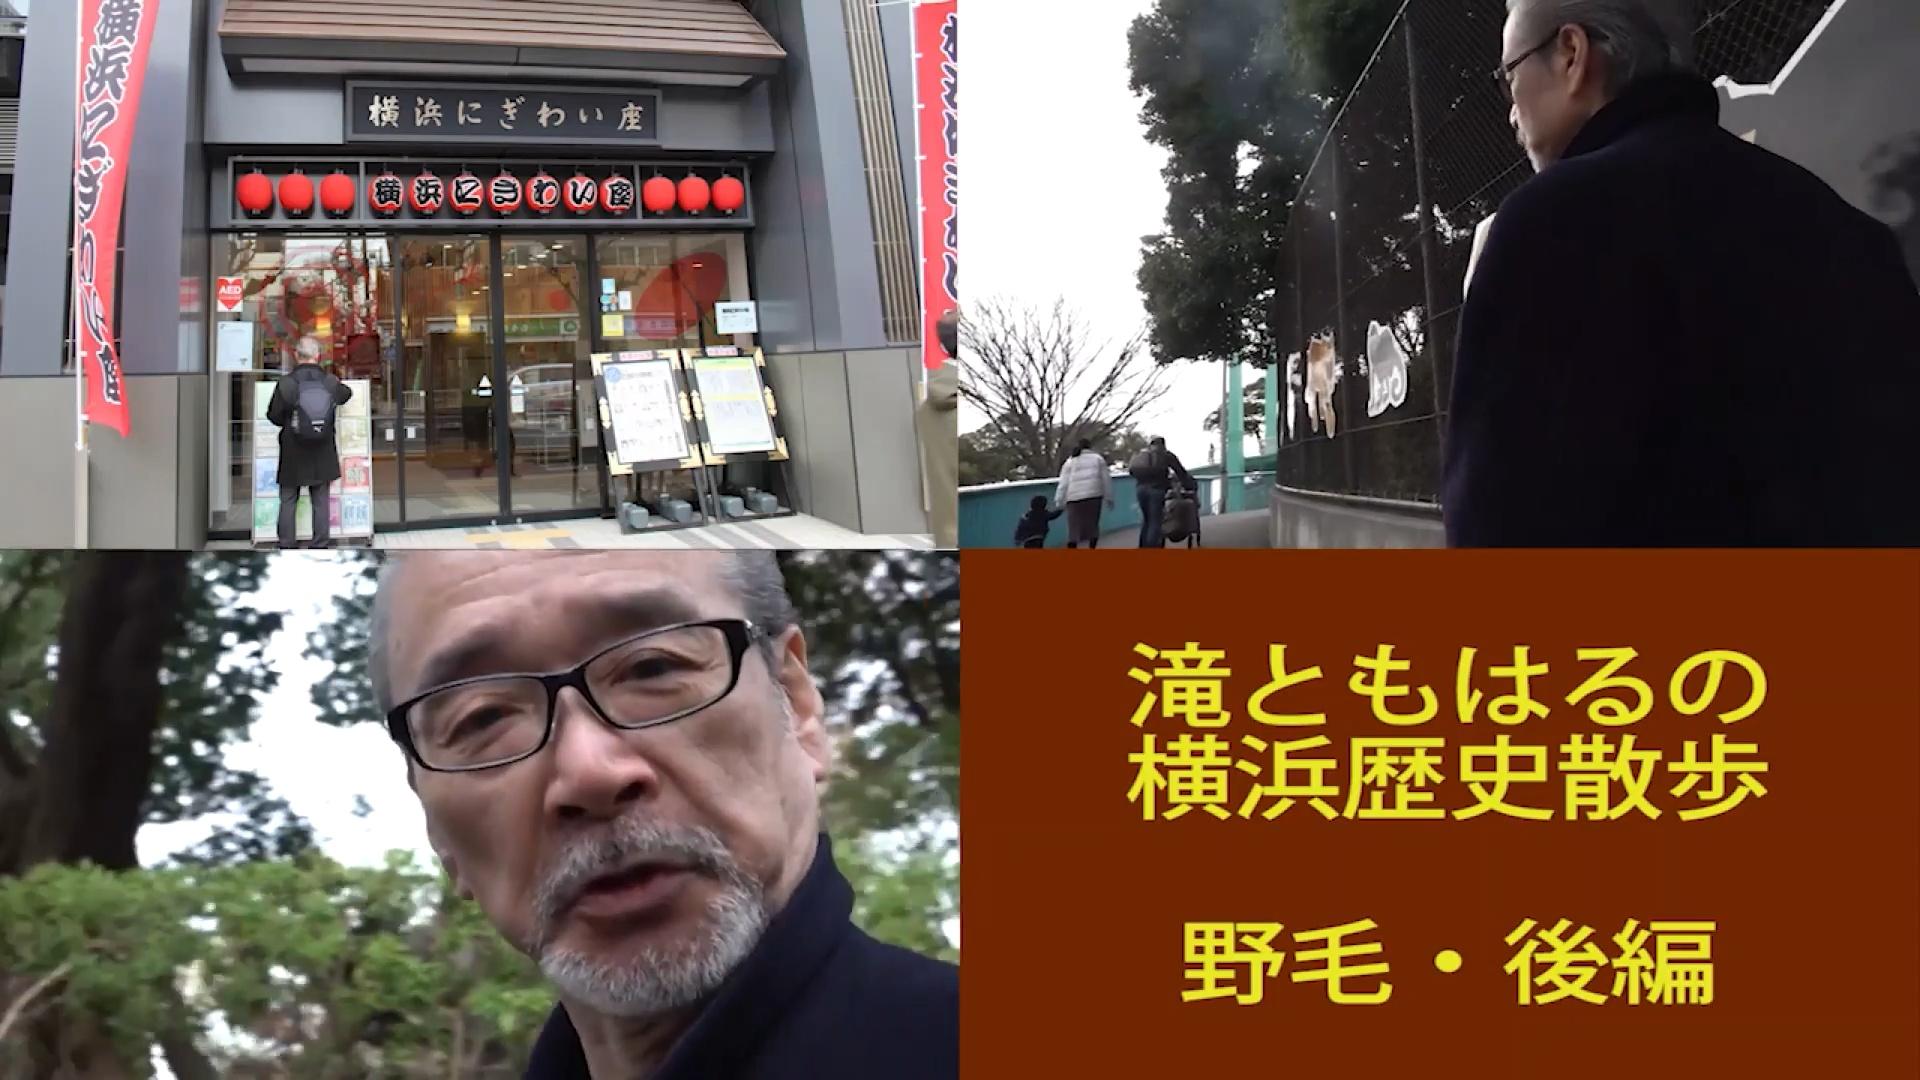 滝ともはるの横浜歴史散歩 ~ 野毛 後編 ~